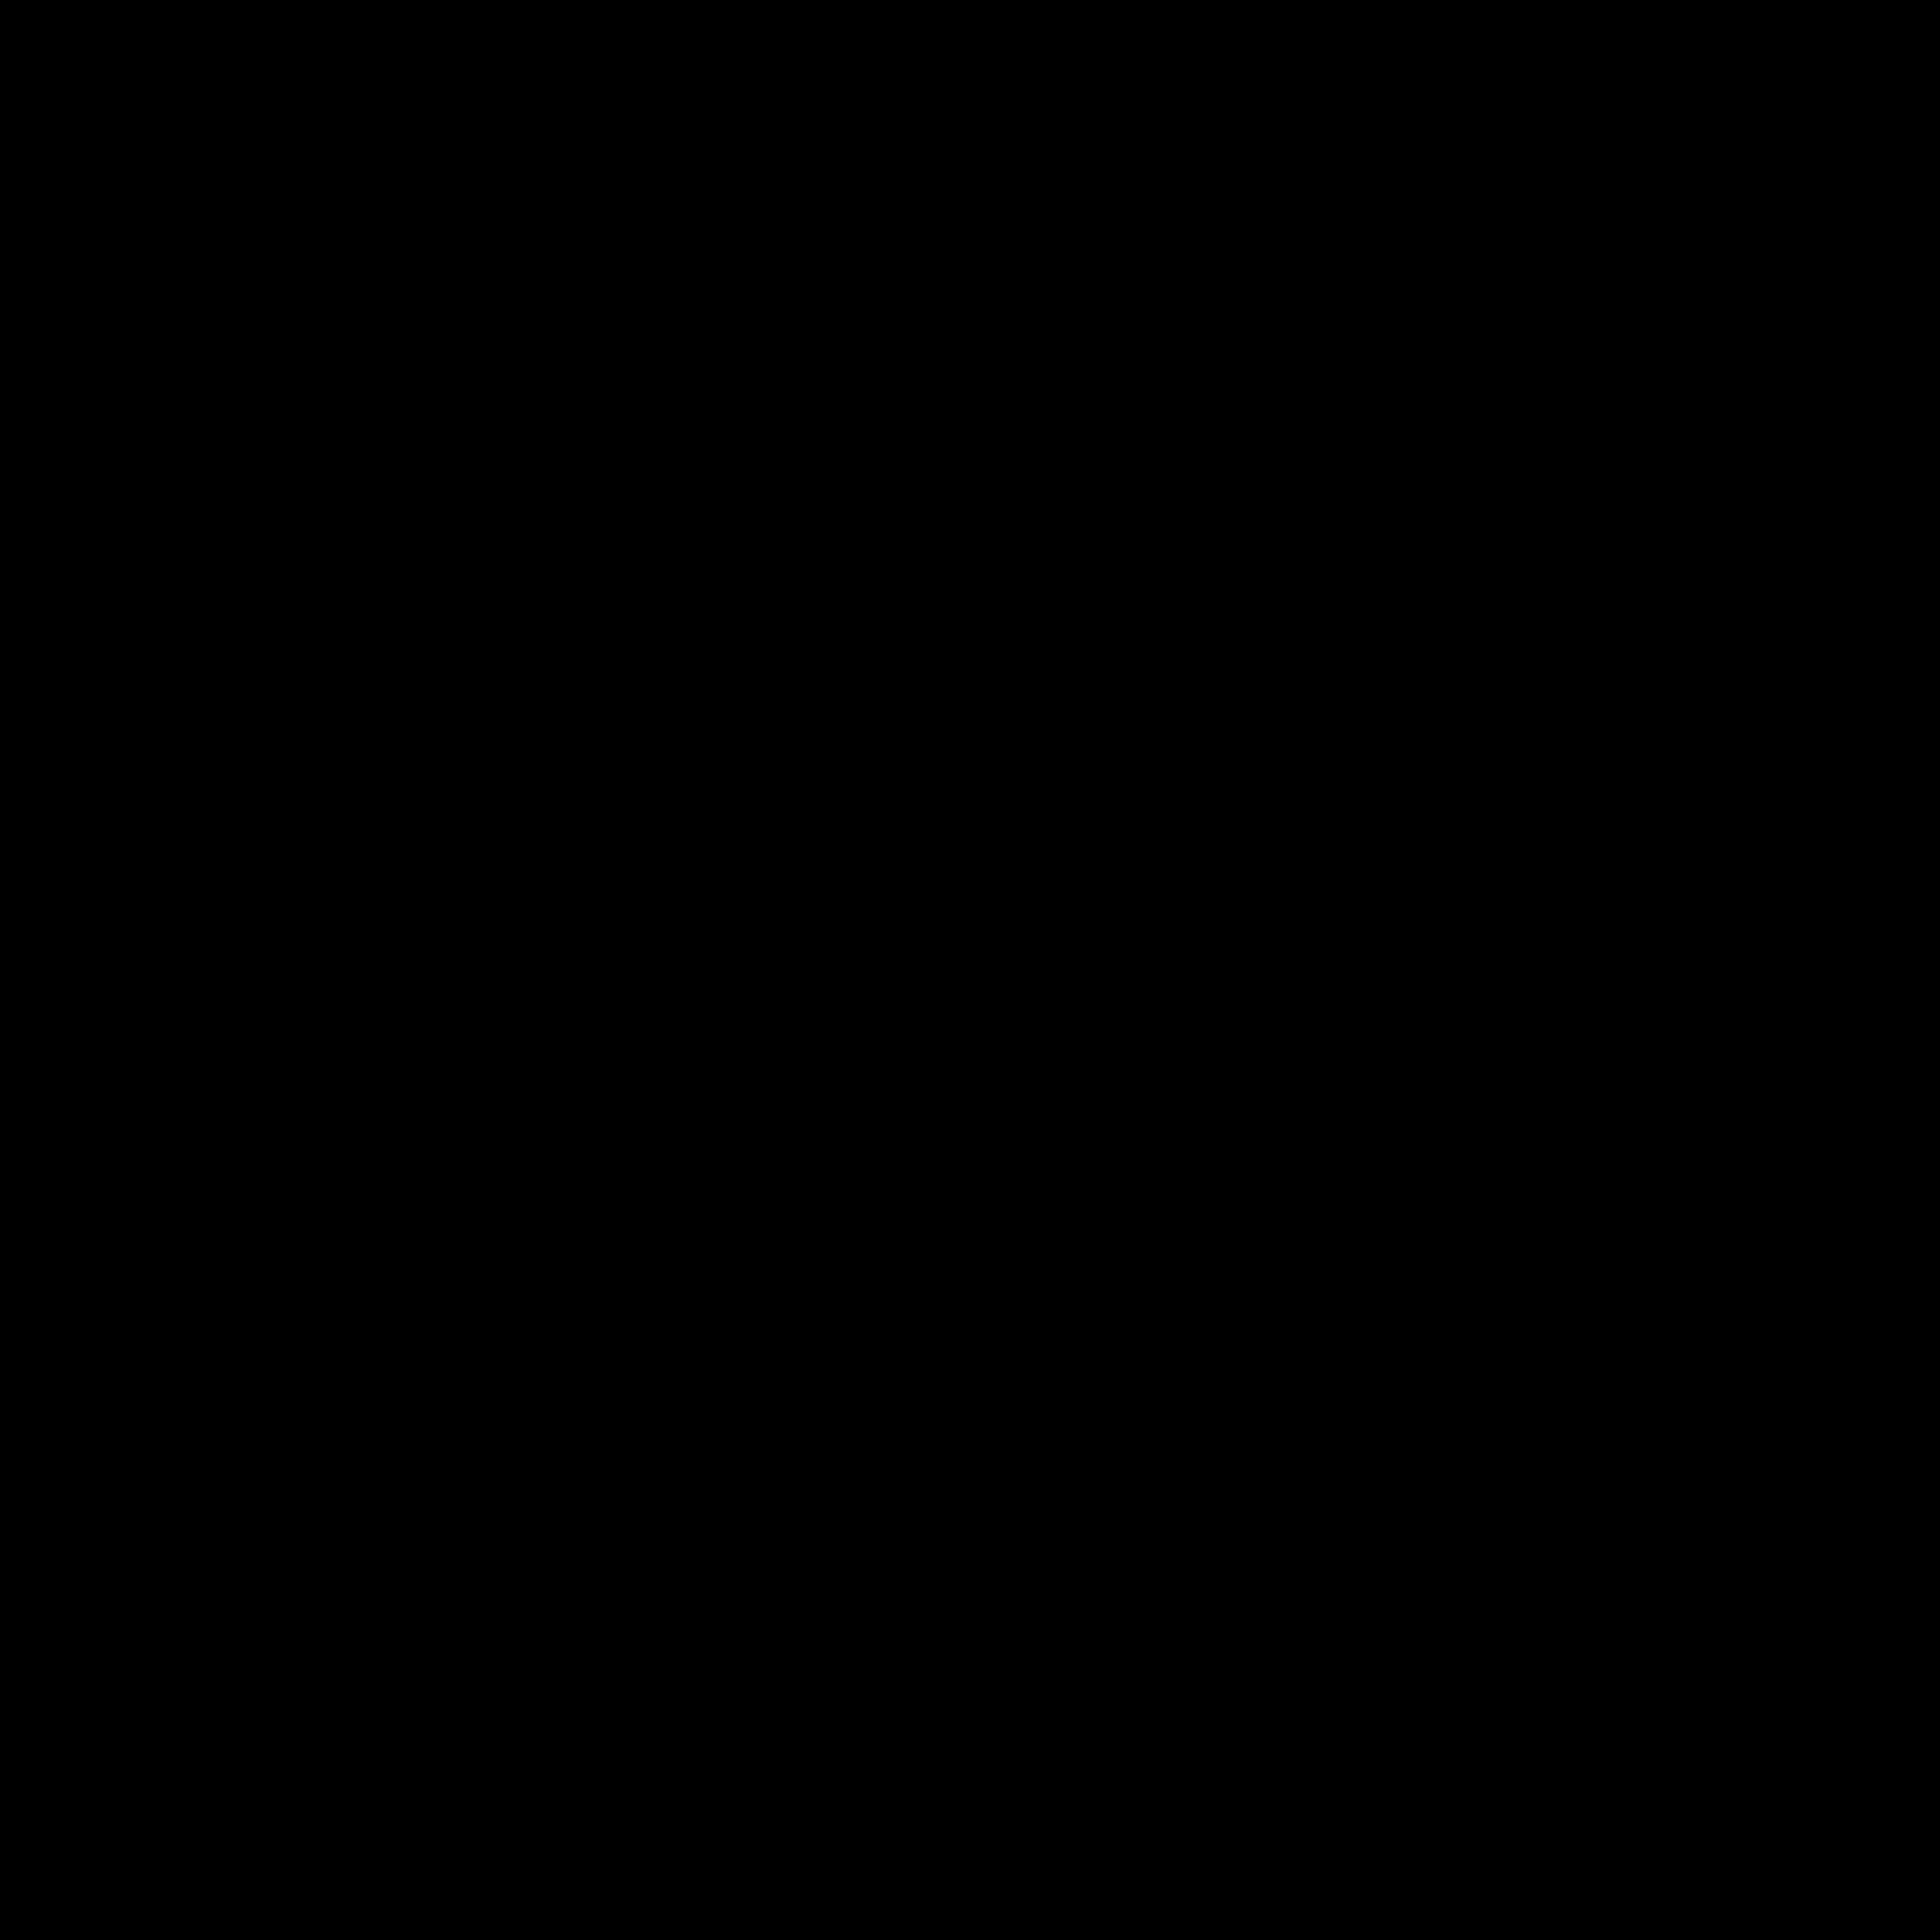 Arizona Icon with dessert vibes